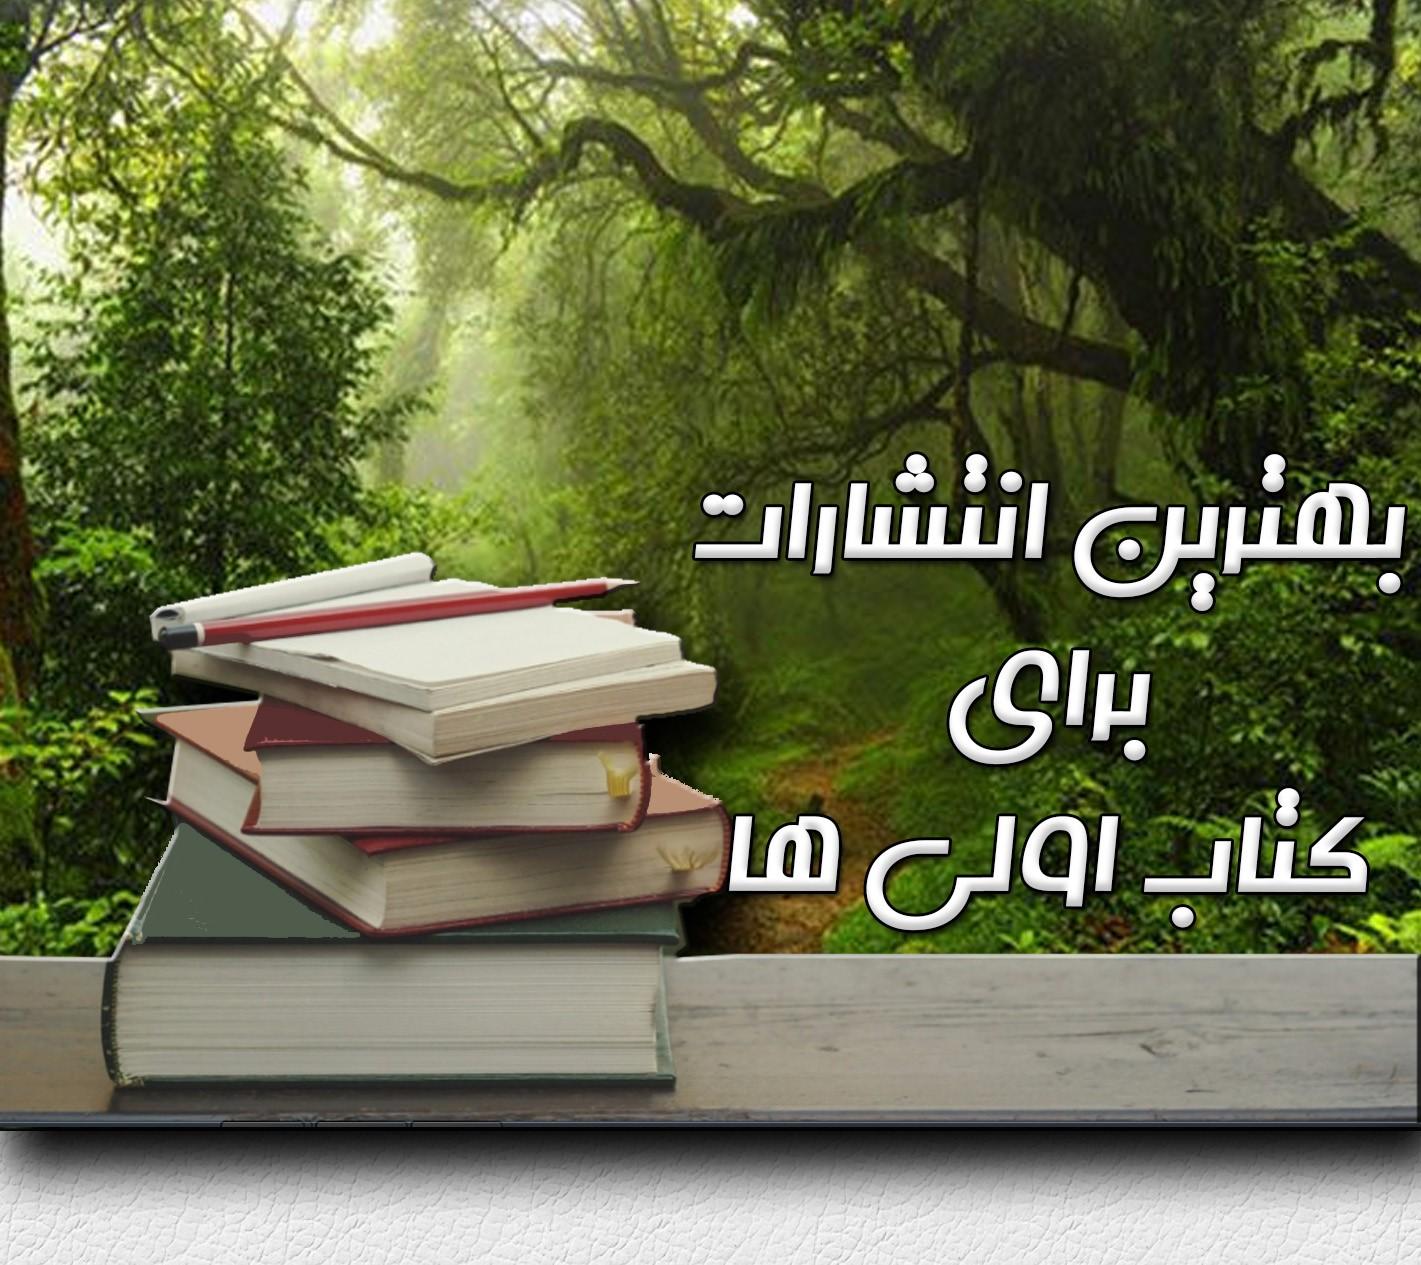 بهترین انتشارات برای کتاب اولی ها با مناسب ترین شرایط